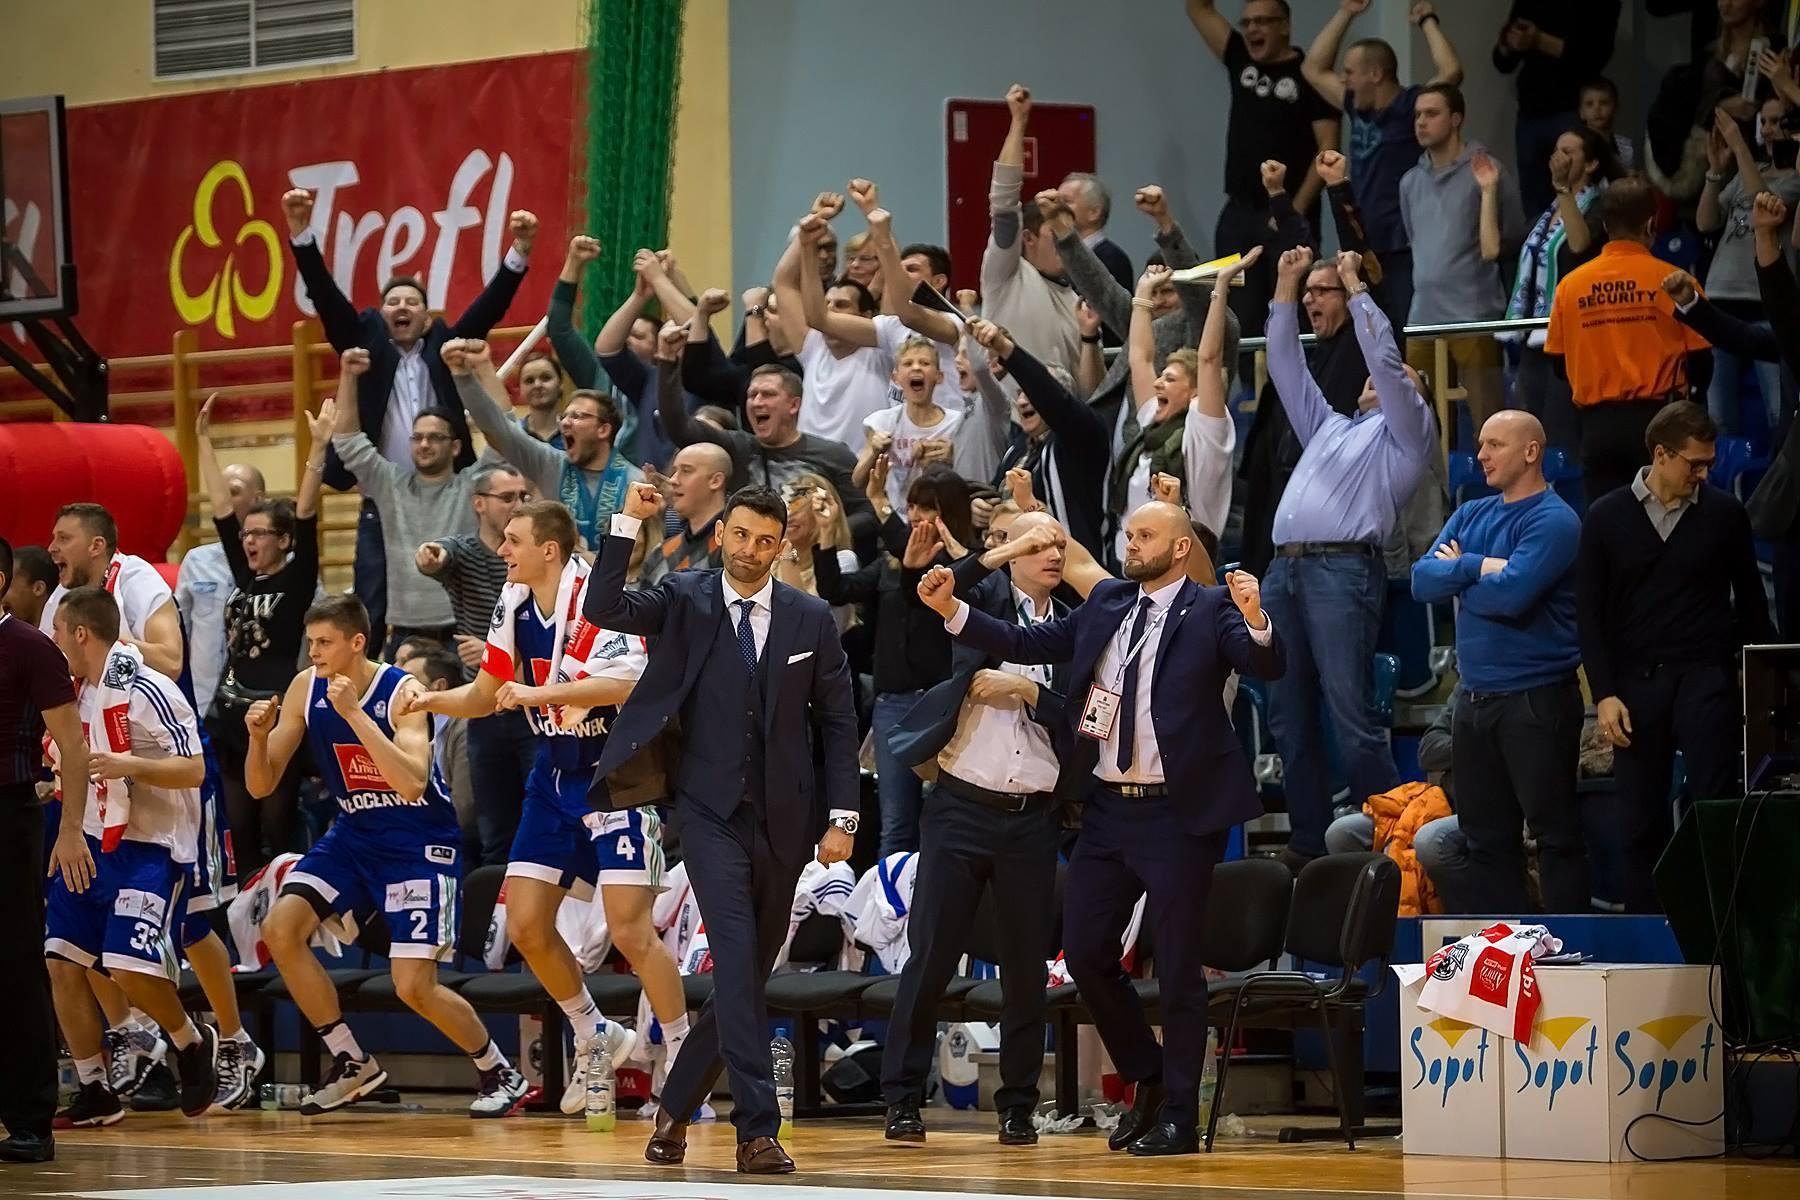 Dobitka na wagę zwycięstwa - Anwil zdobywa Sopot!